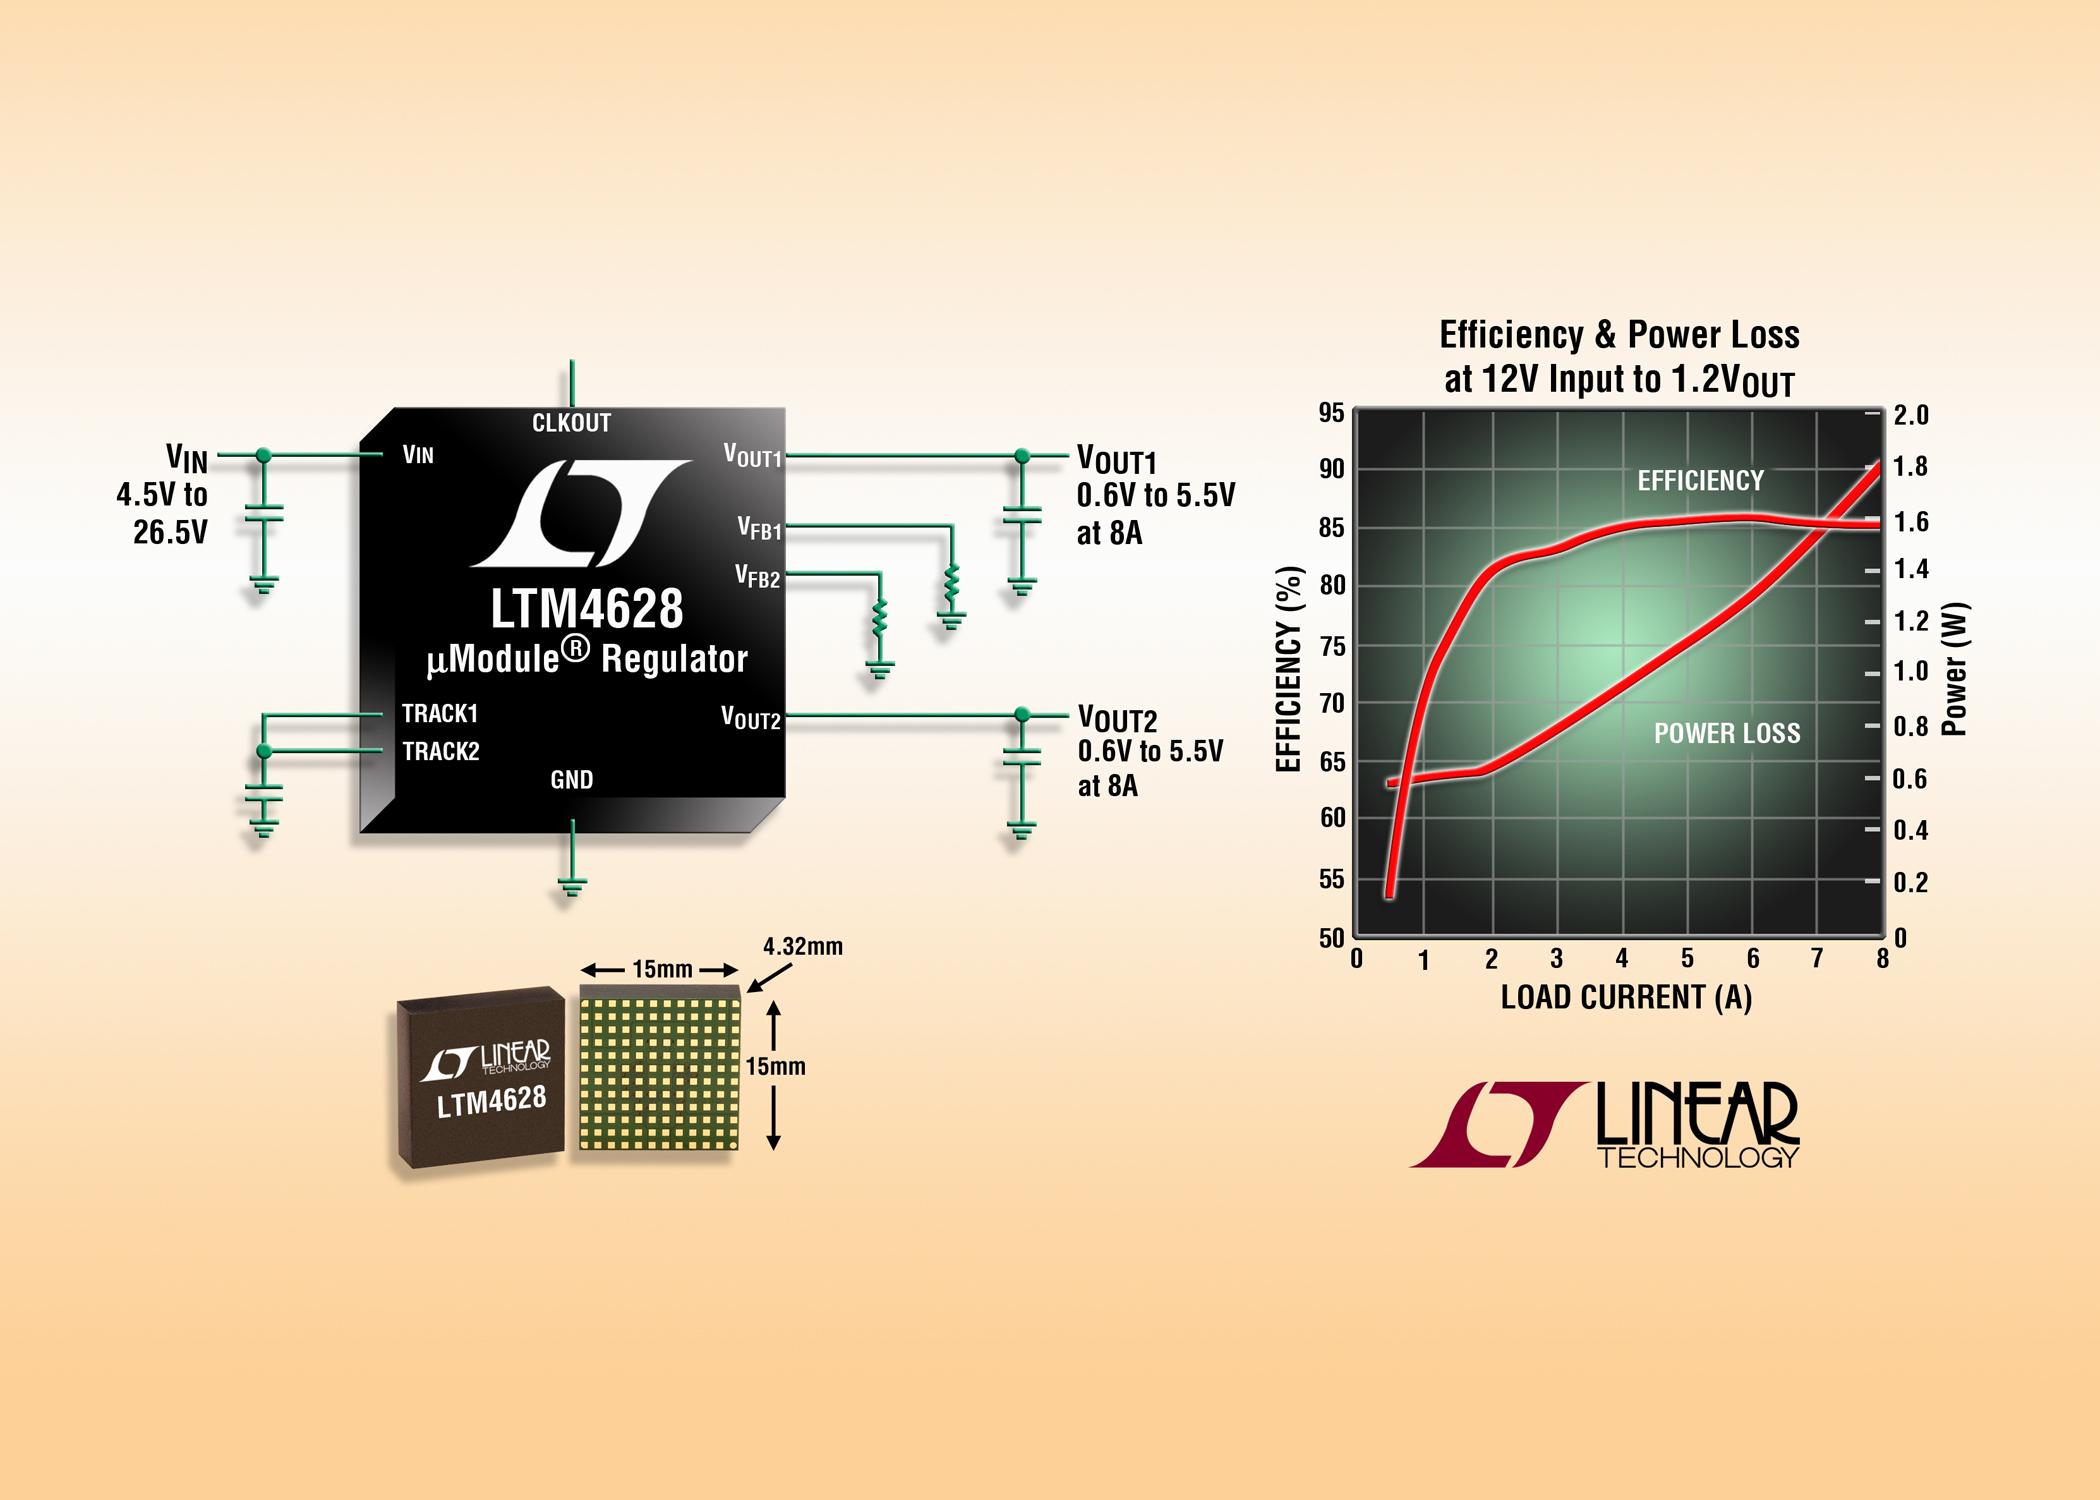 照片说明: 双路 26.5V 输入、8A DC/DC 微型模块稳压器